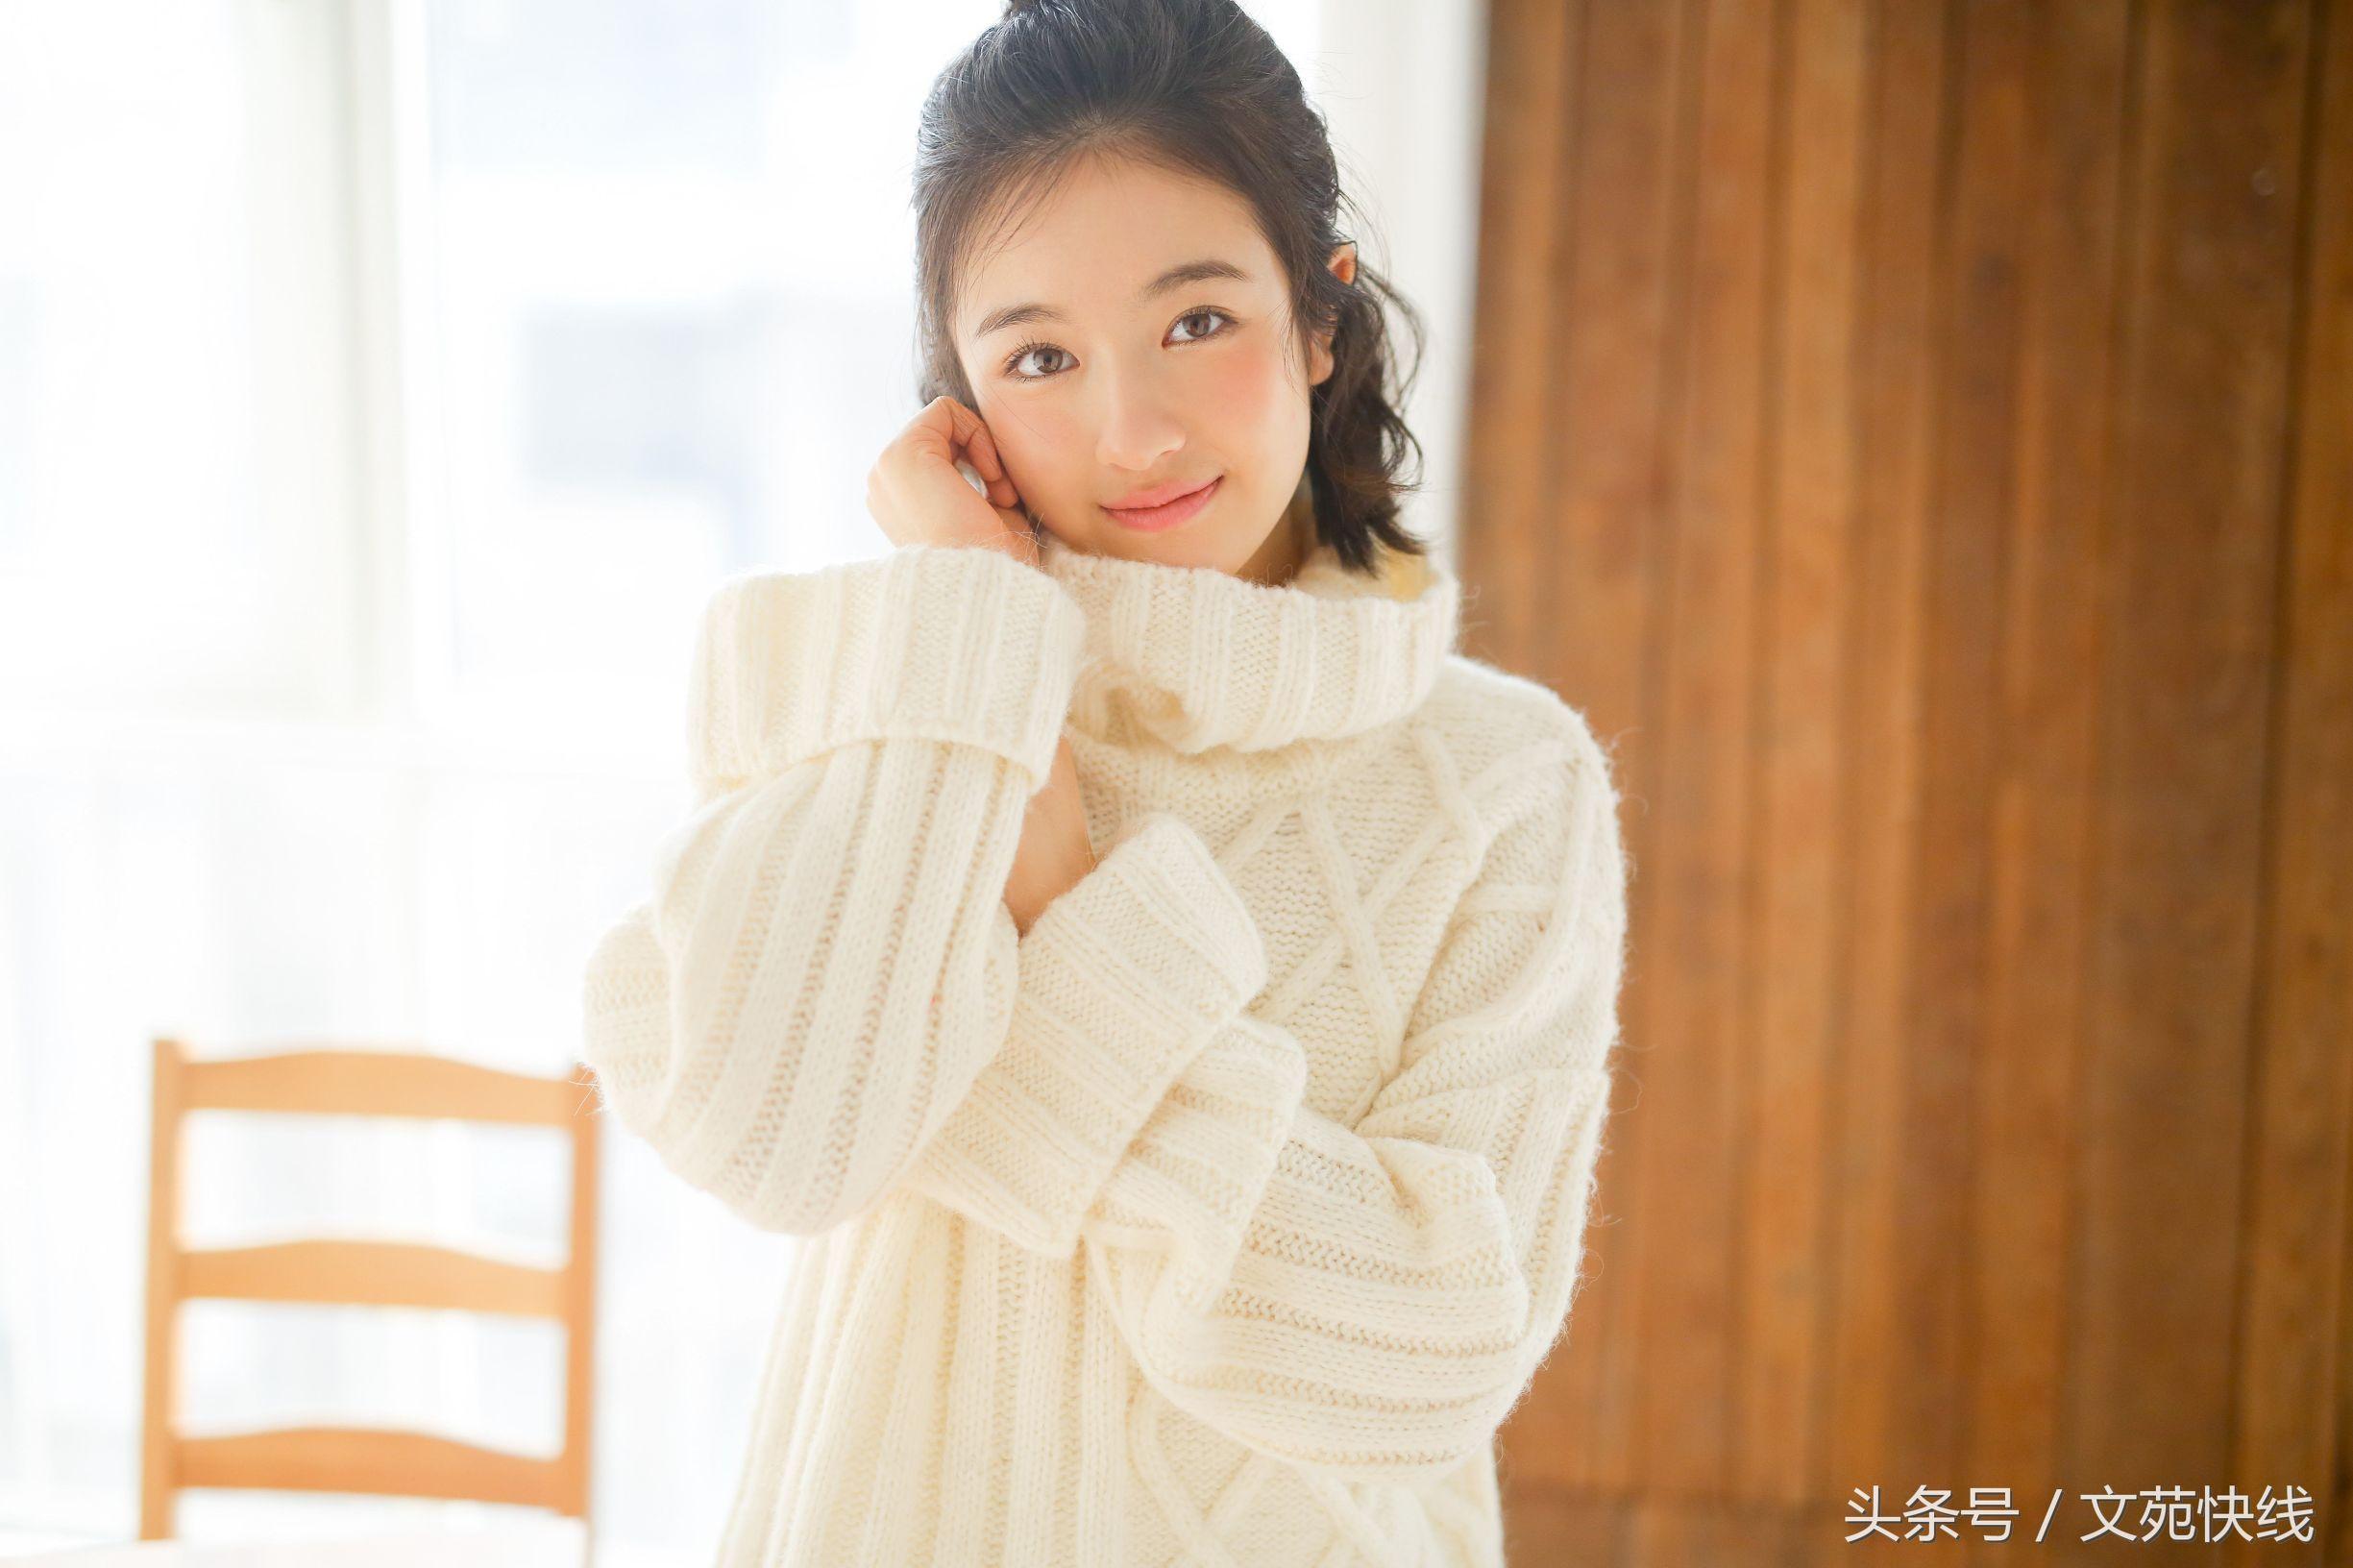 电影女明星内地_李兰迪,1999年9月2日出生于北京,中国内地影视女演员